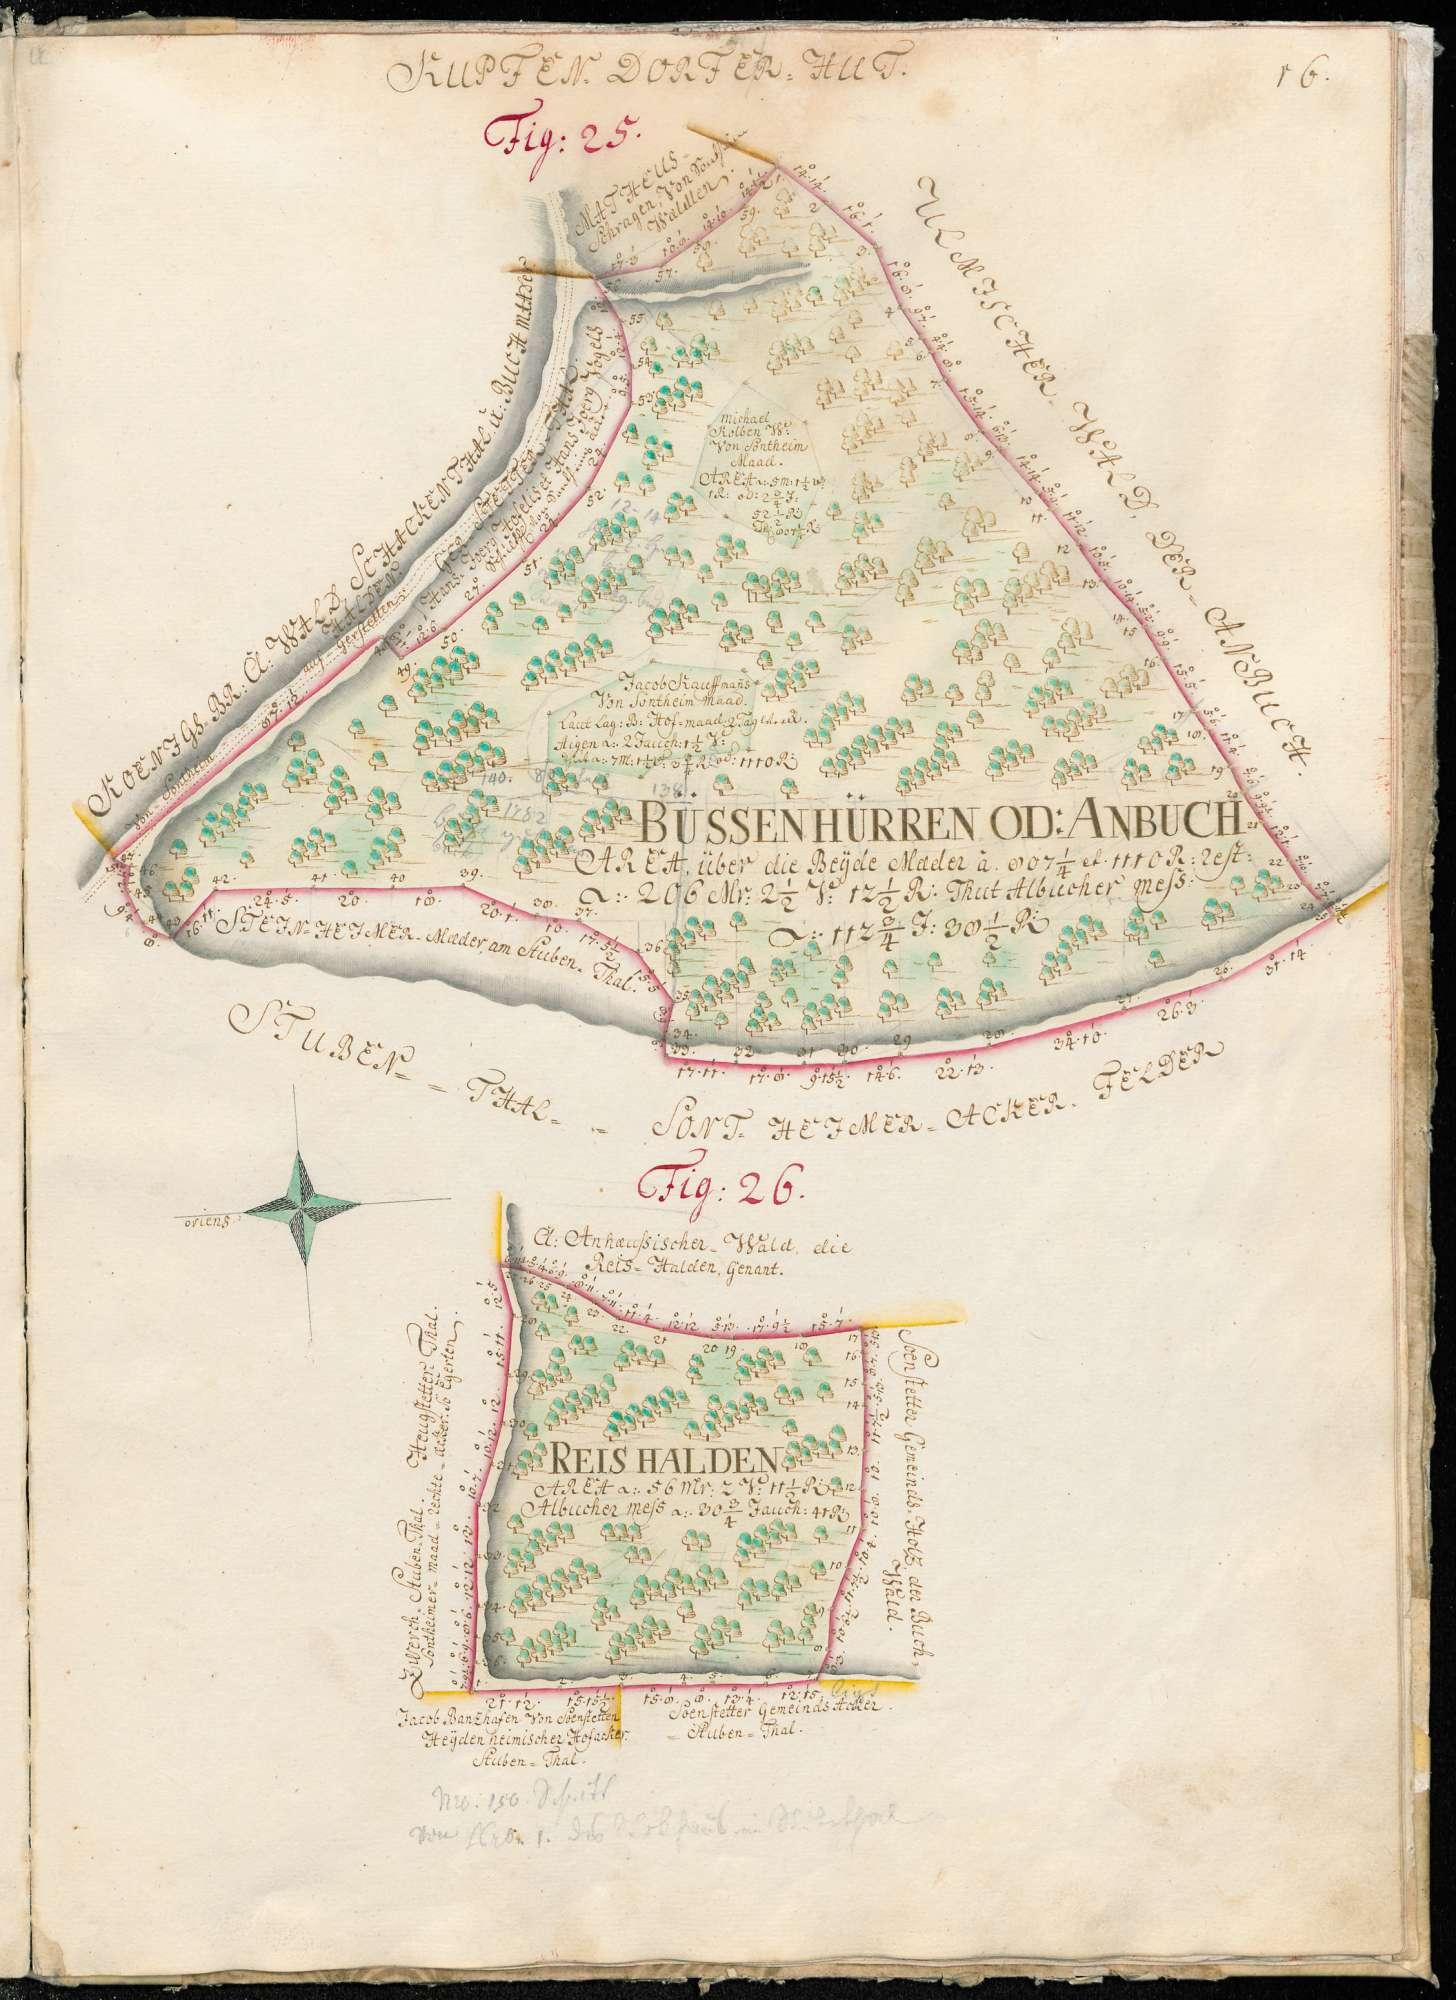 """[Küpfendorfer Hut] """"Figur 25 Bussenhürren oder Anbuch, Figur 26 Reishalde"""", Bild 1"""